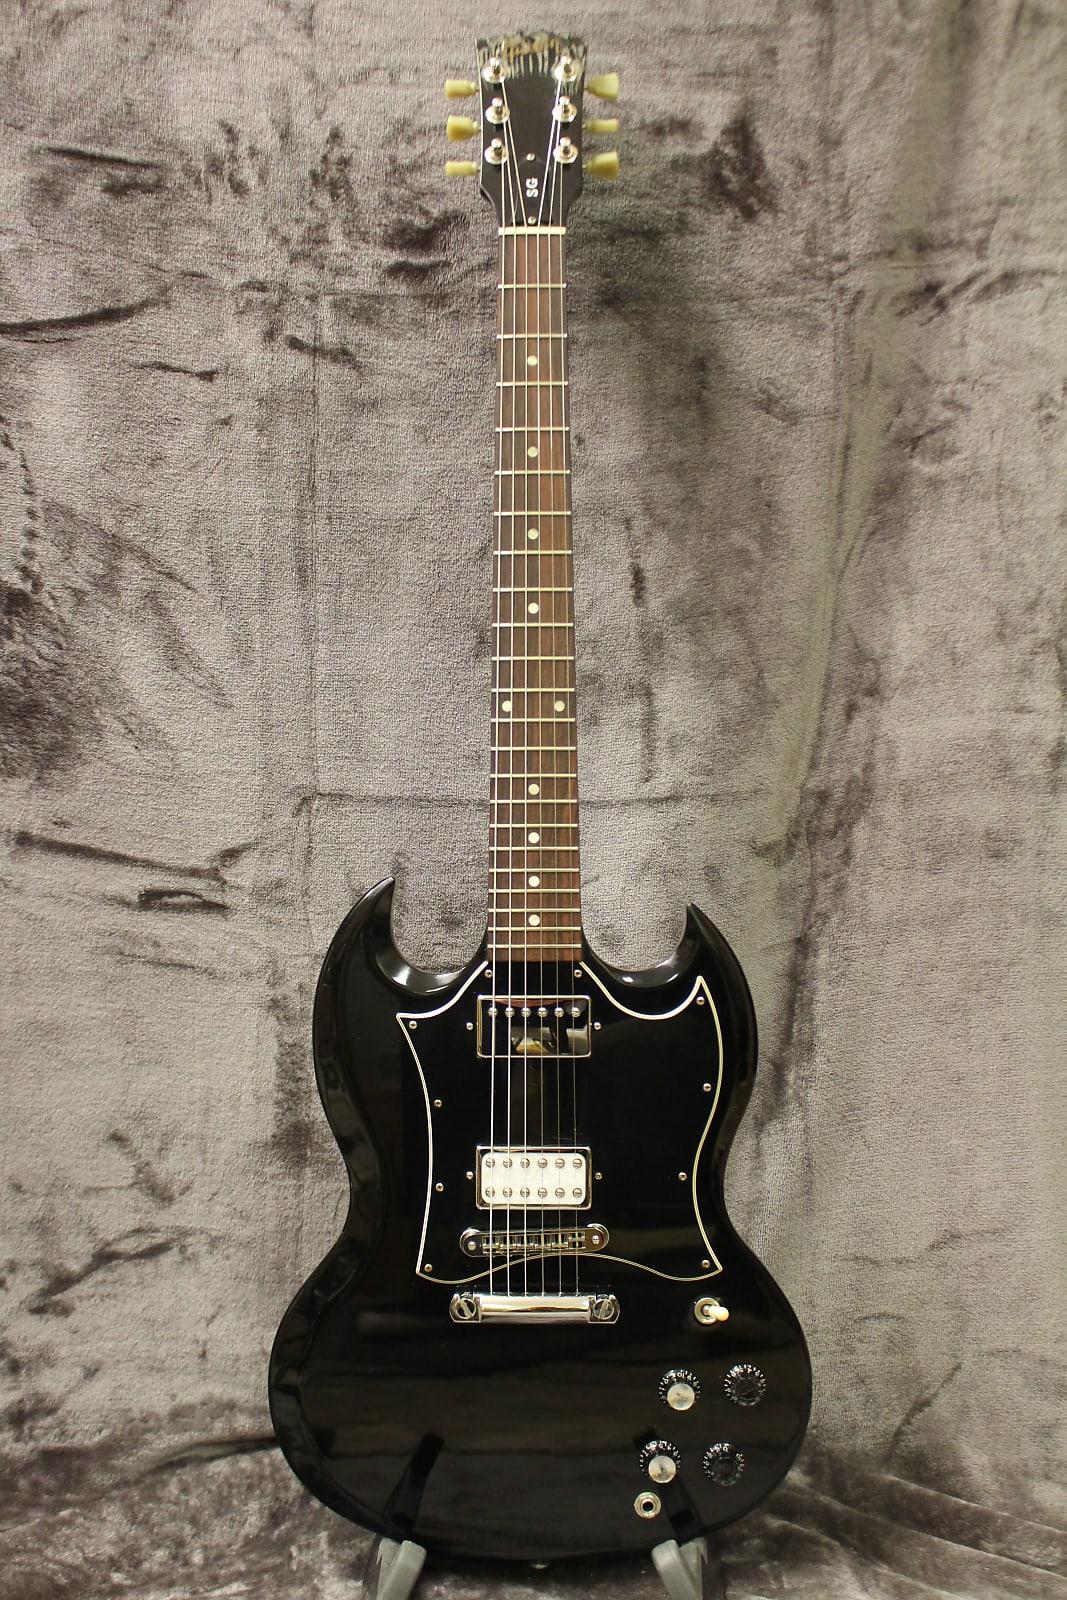 Gibson SG Special 2006 Ebony with non-original Hard Shell Case